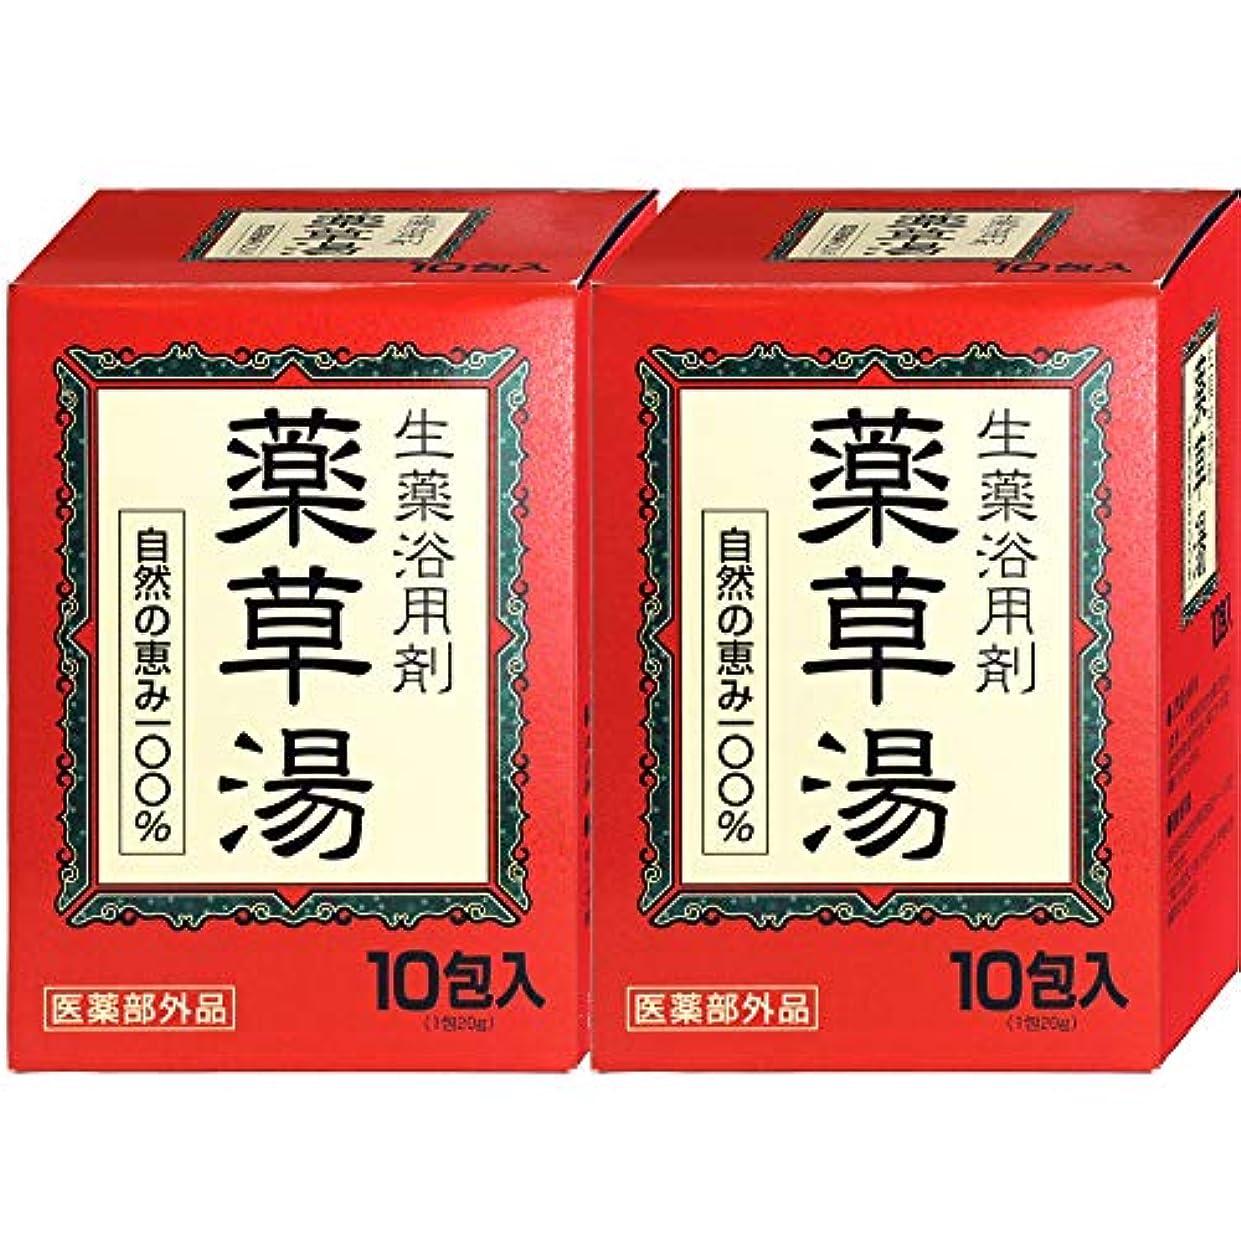 物理学者影泣く薬草湯 生薬浴用剤 10包入 【2個セット】自然の恵み100% 医薬部外品